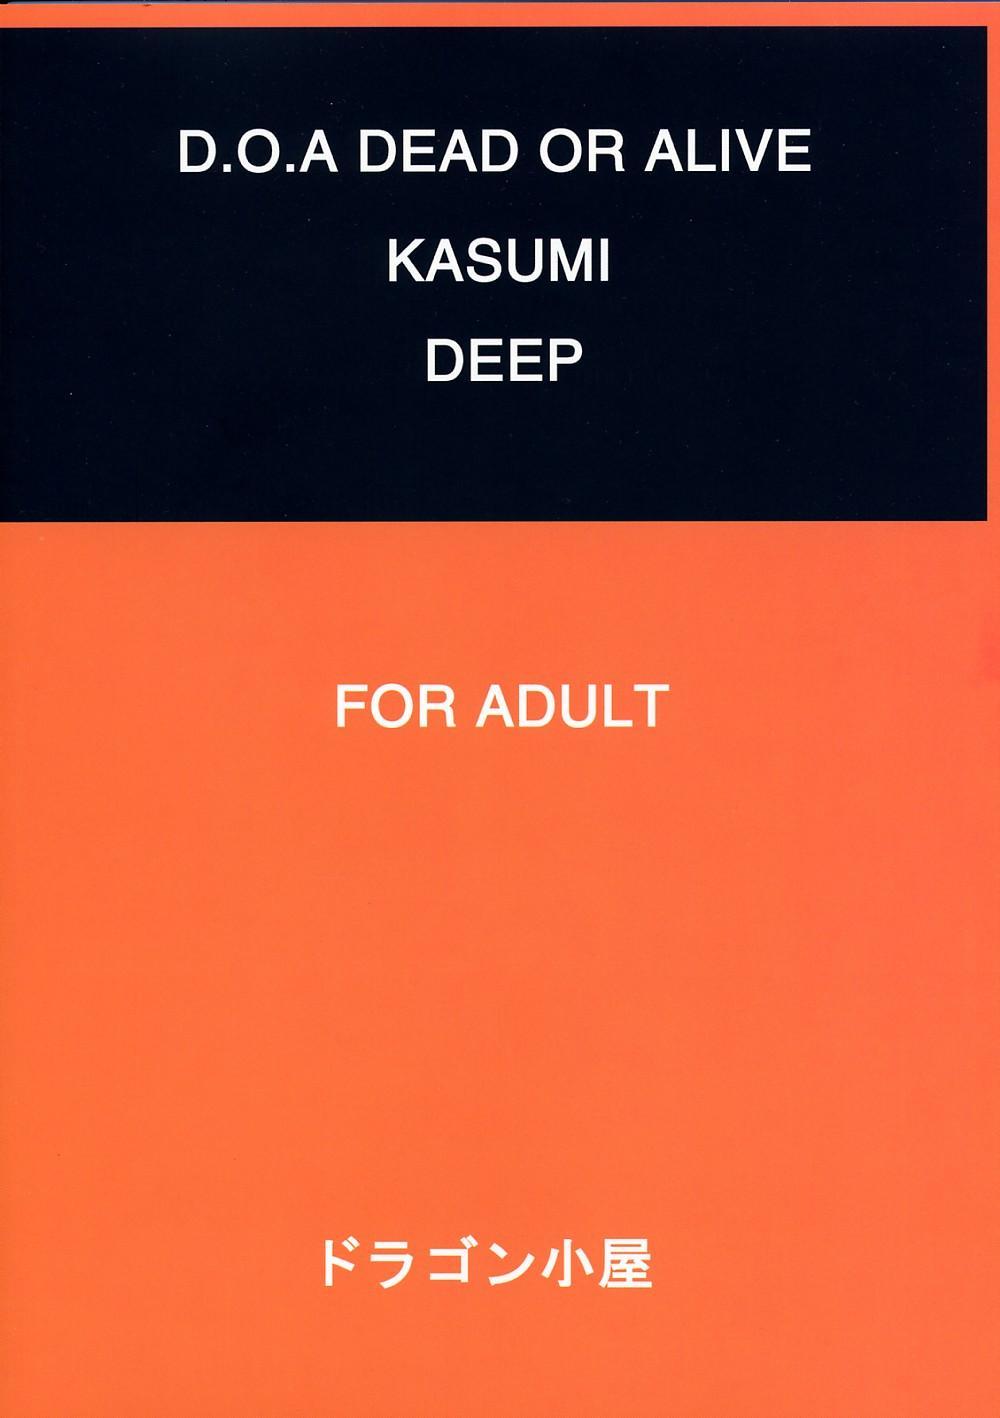 KASUMI DEEP 25